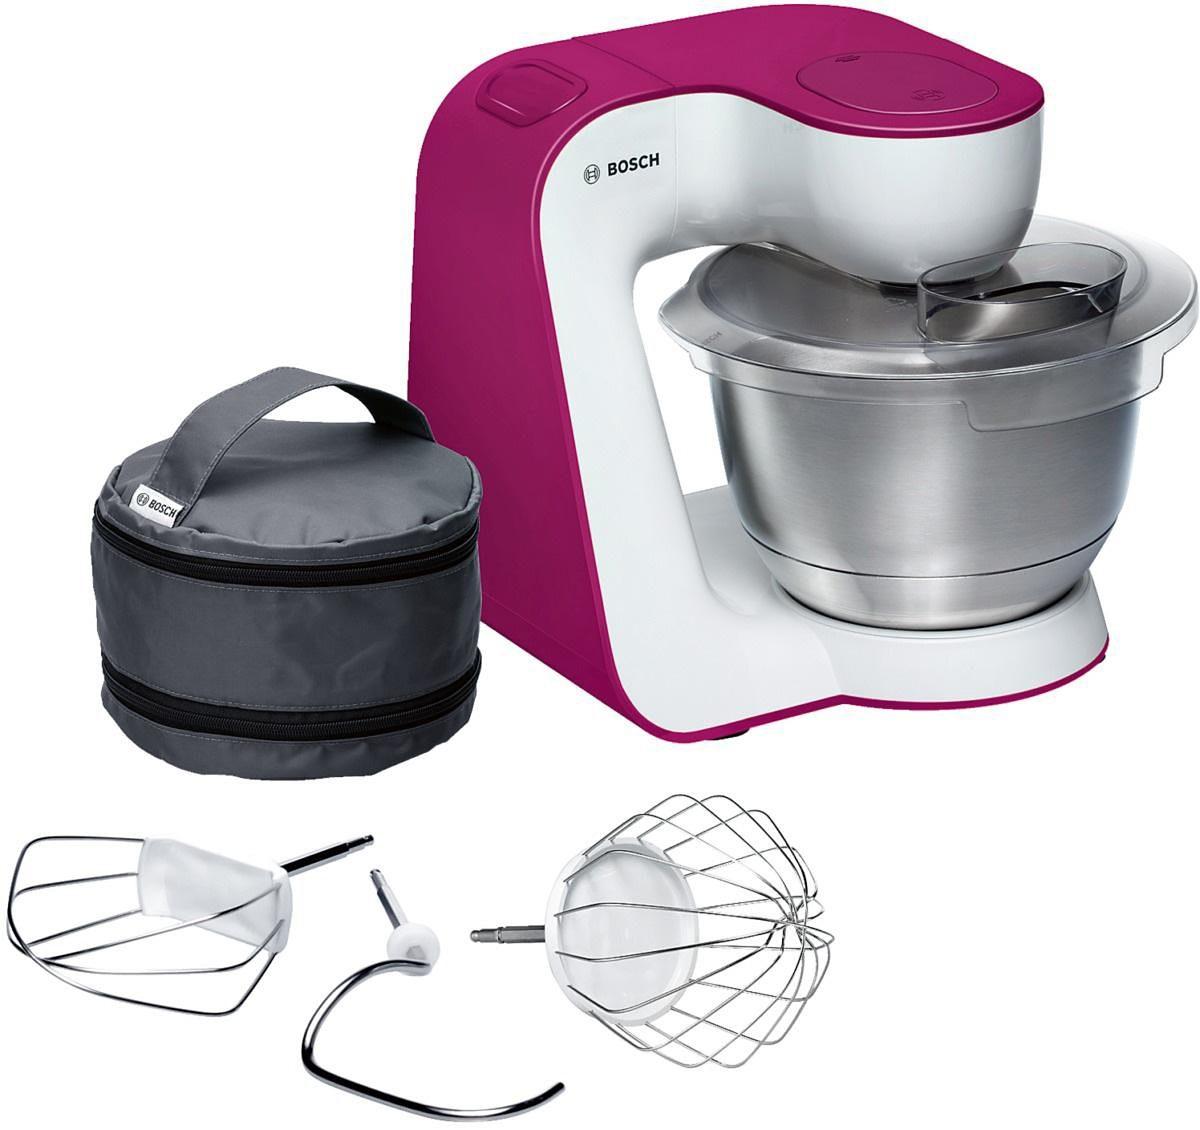 Bosch Universal-Küchenmaschine »StartLine MUM54P00«, 900 Watt, weiß / wild purple